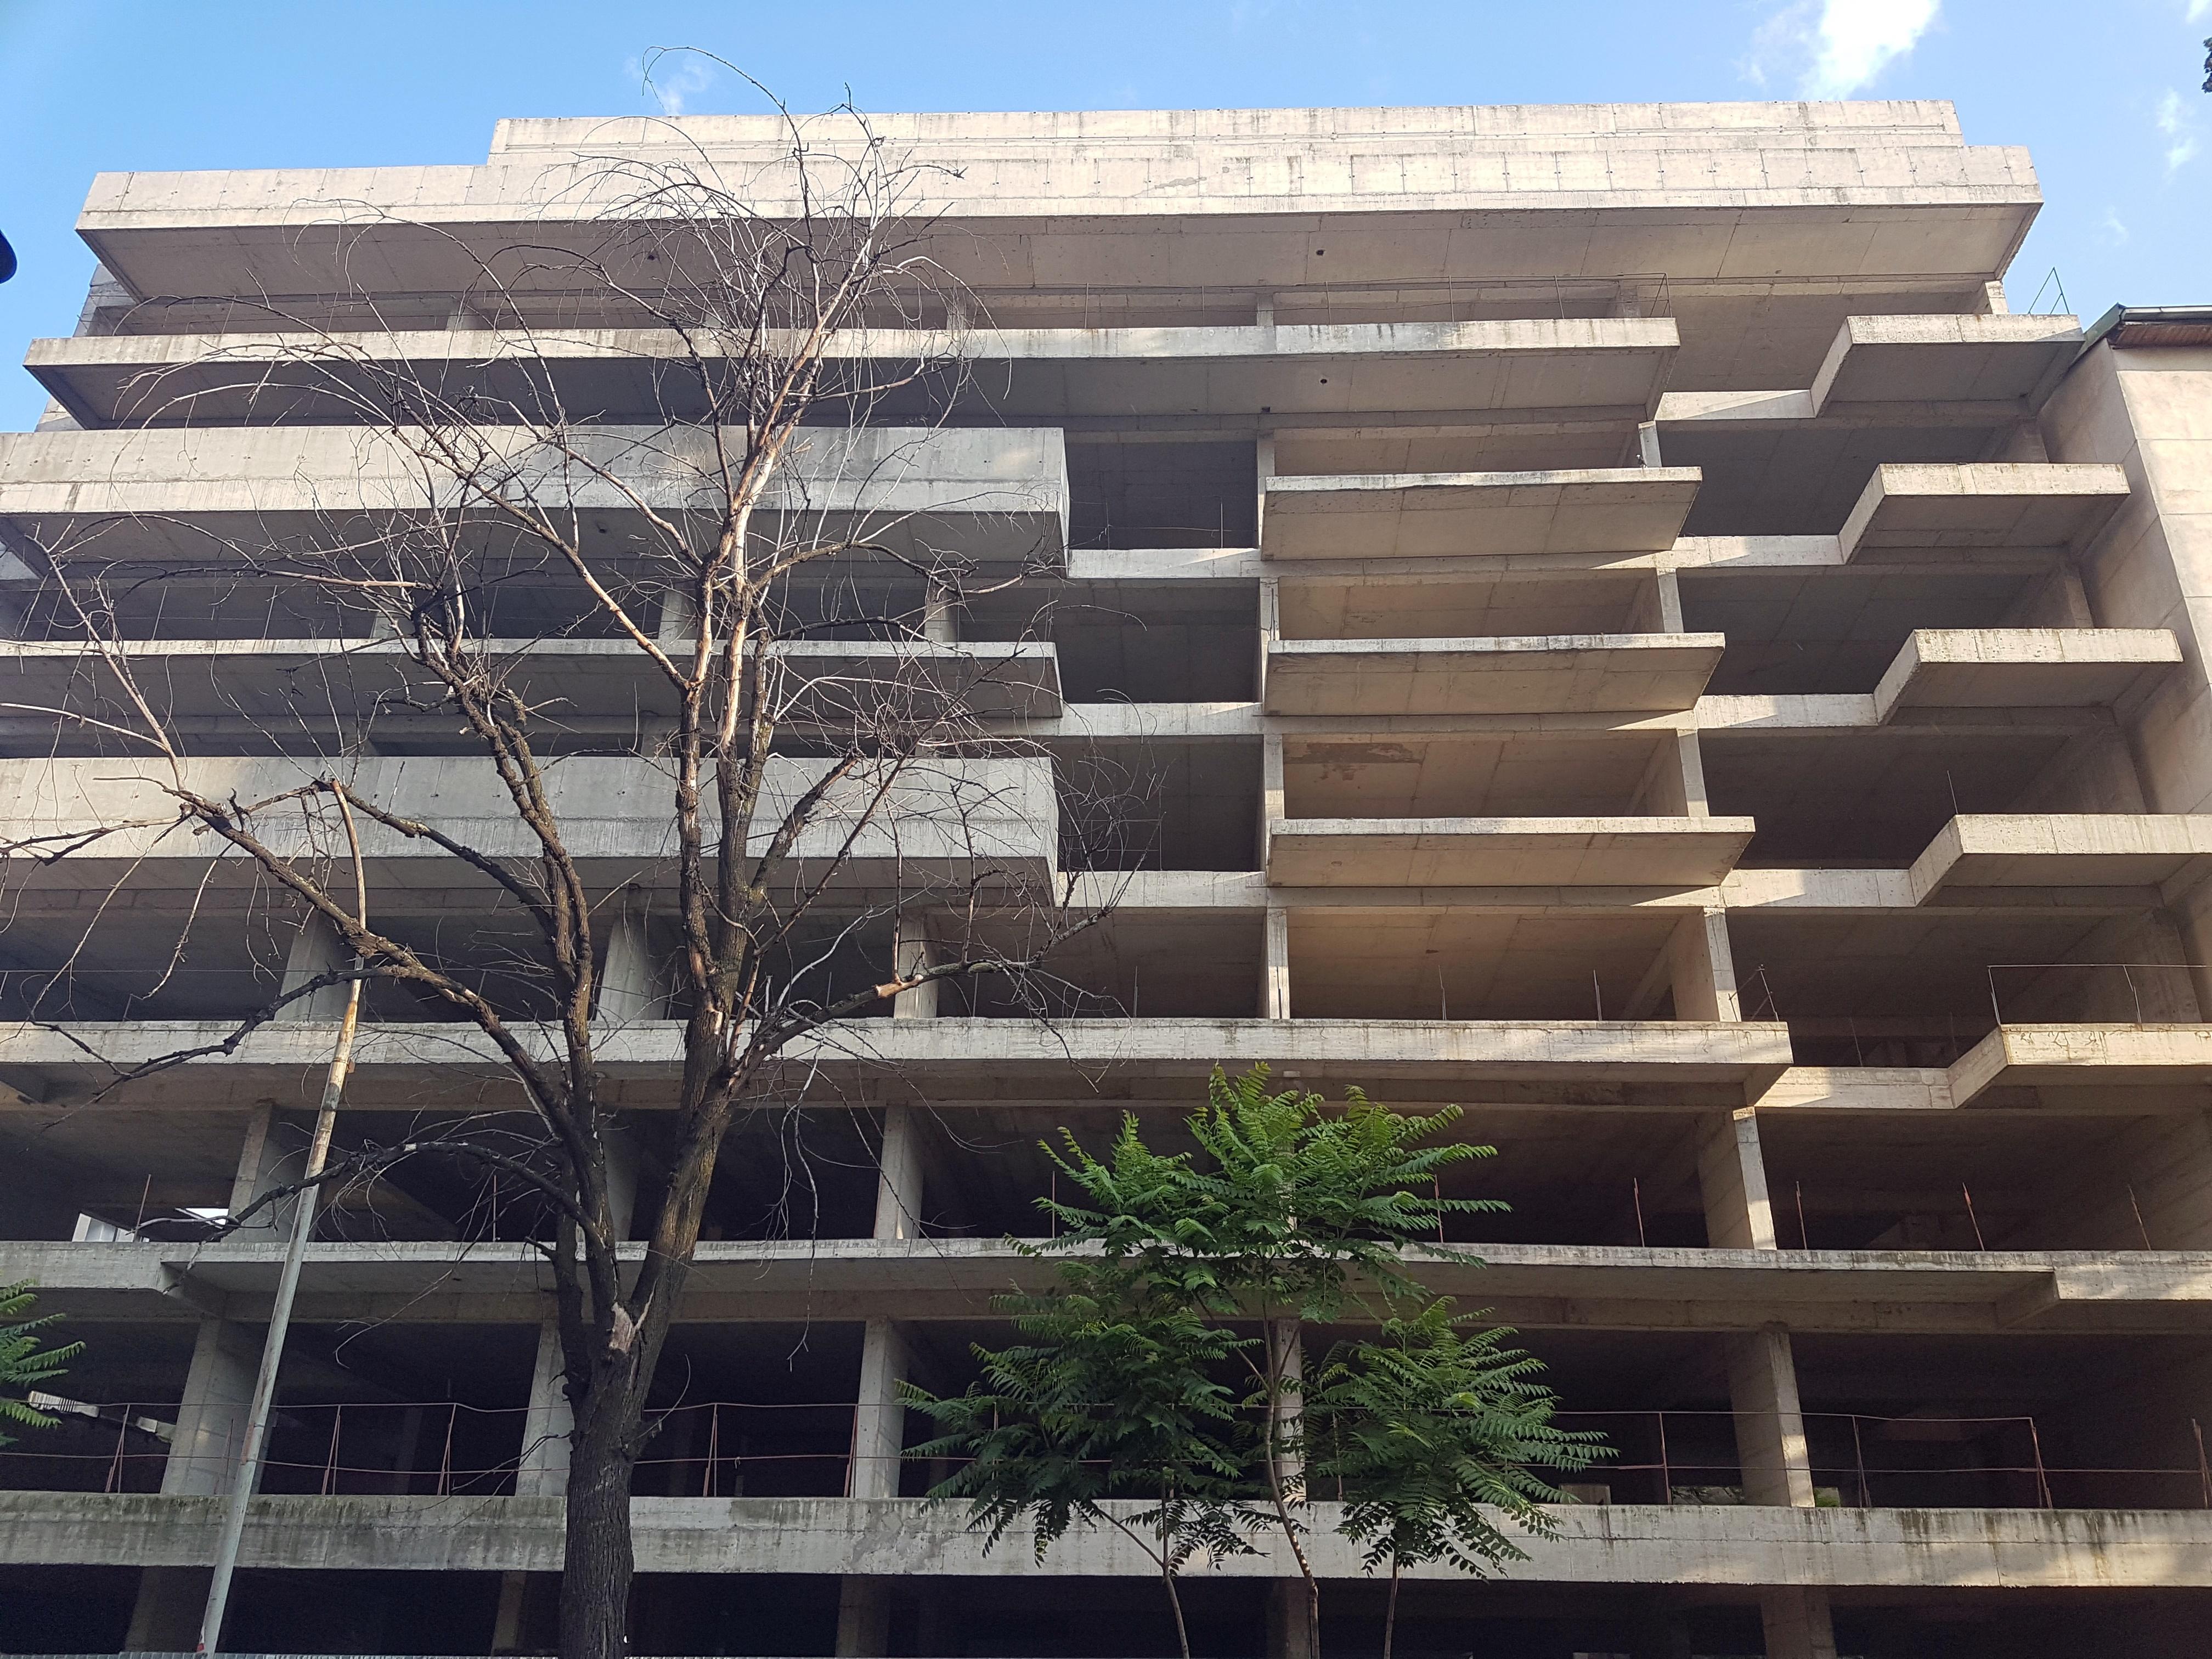 Un bloc cu patru etaje ar putea apărea în zona protejată Mihai Eminescu, vizavi de casa Henrieta Delavrancea, monument istoric. Cum a fost distrusă zona în ultimii 15 ani 18